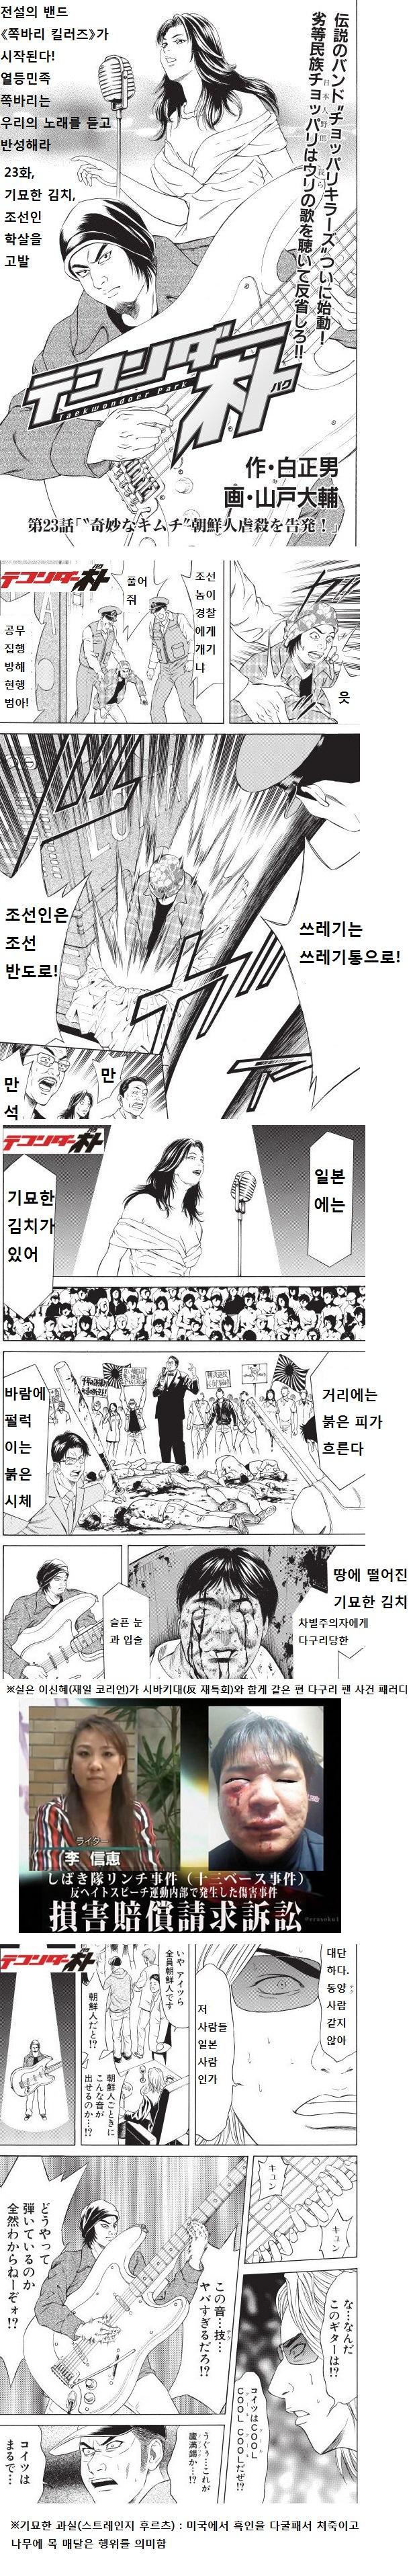 태권더 박 22화 예고편 일부 번역.jpg